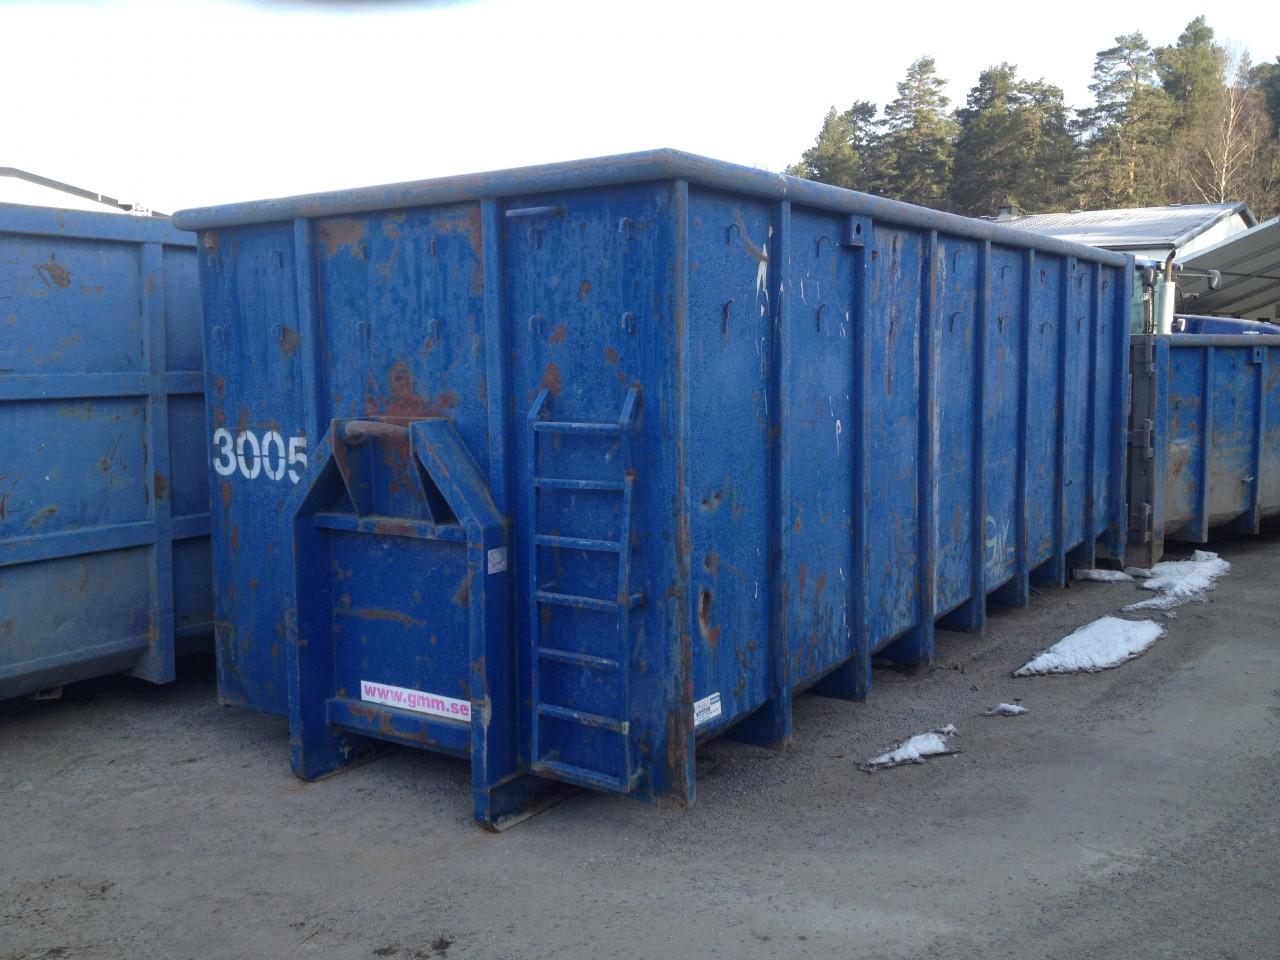 30 kubiks ppen container liding lastbilscentral ab. Black Bedroom Furniture Sets. Home Design Ideas